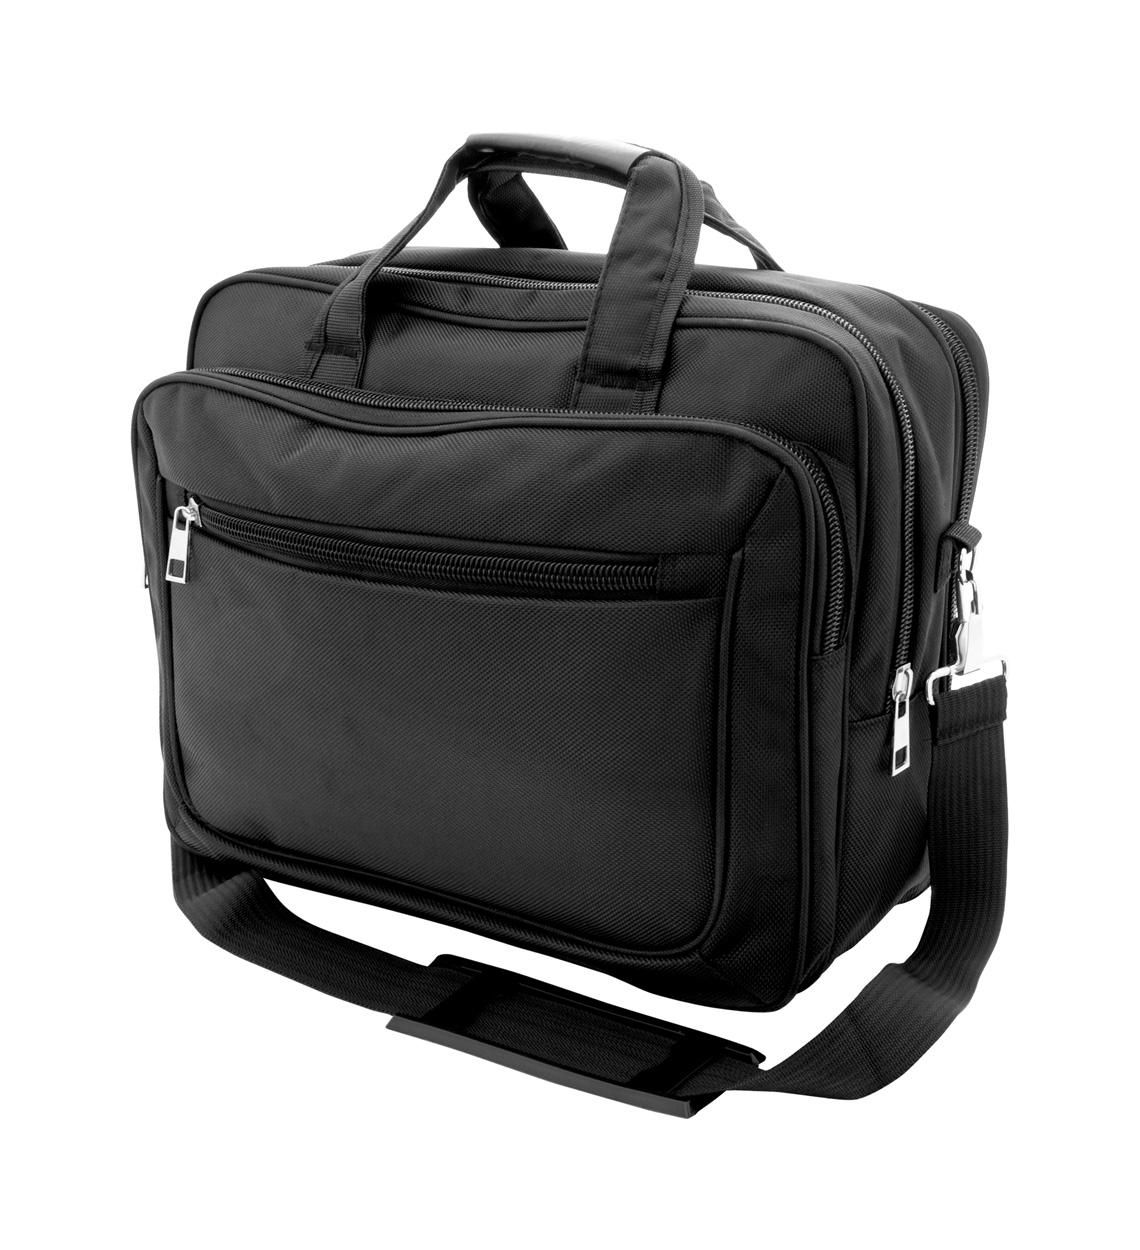 Sektor laptop bag